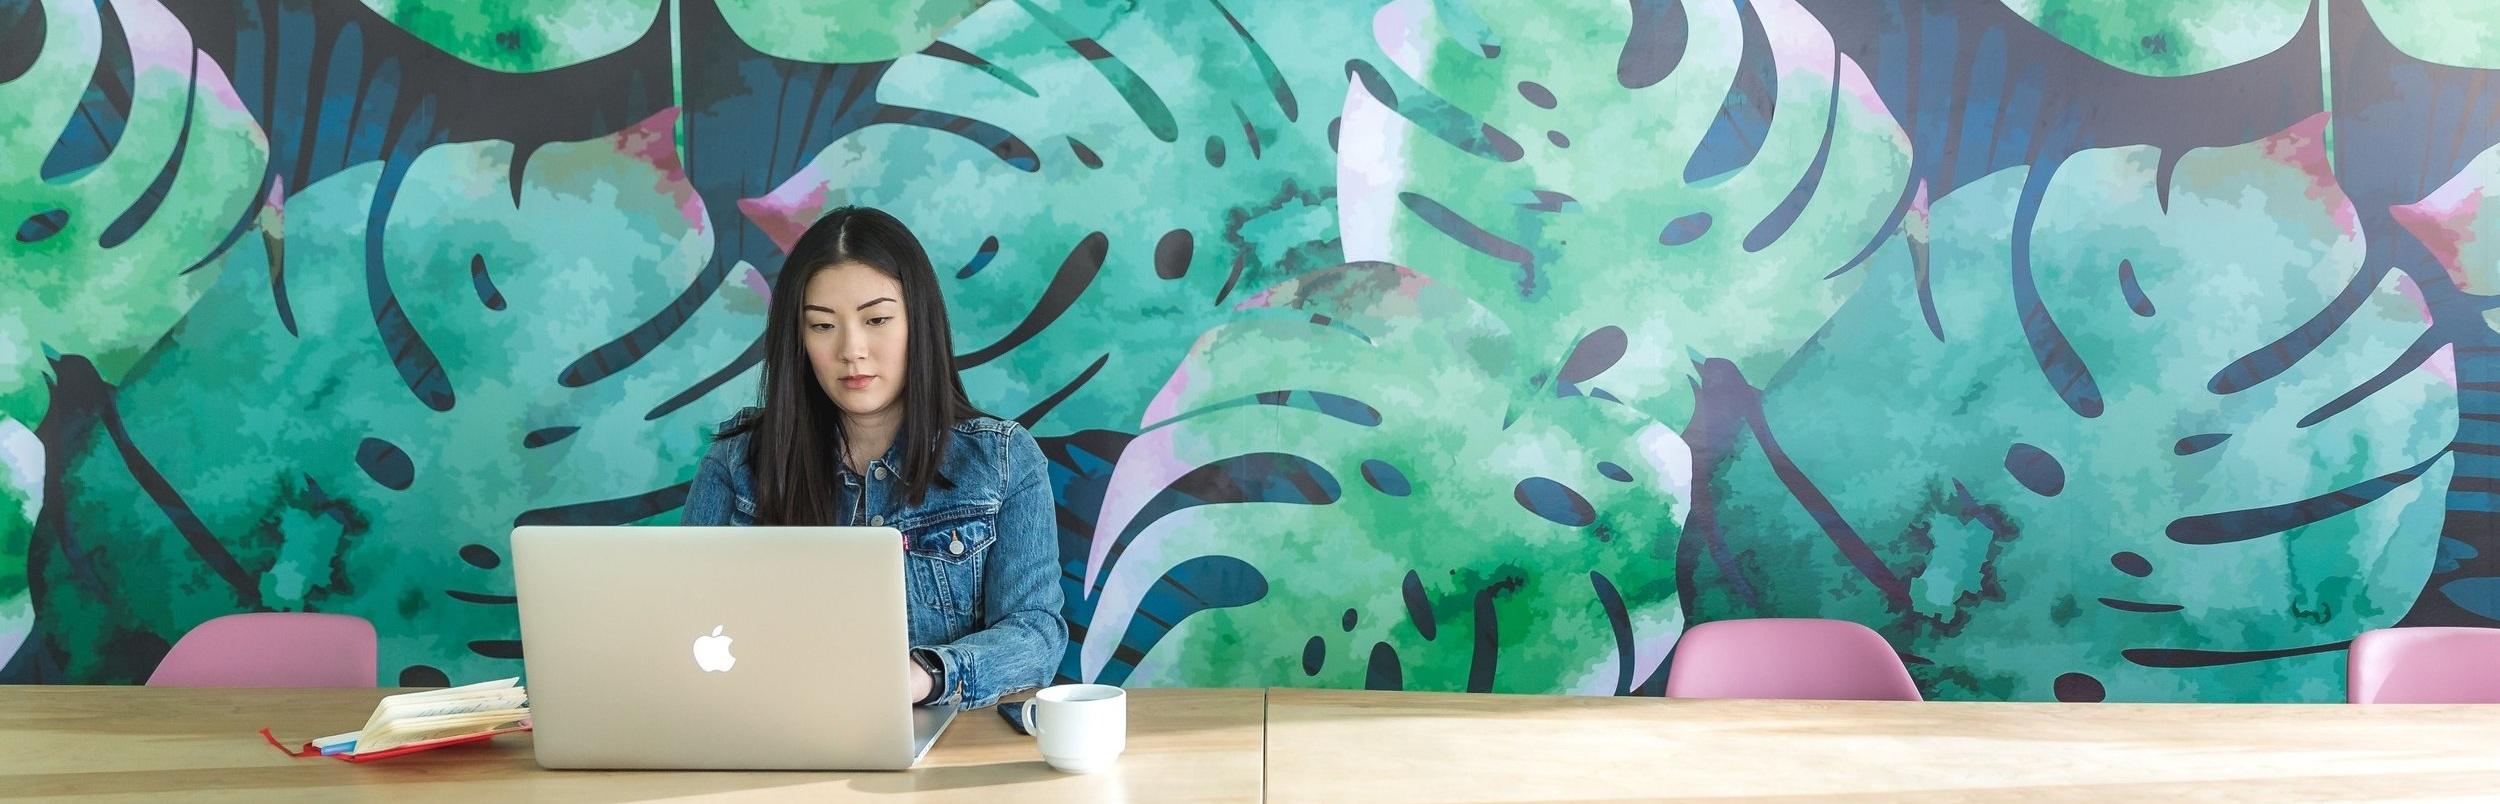 leaf-wall-mural-office.jpg